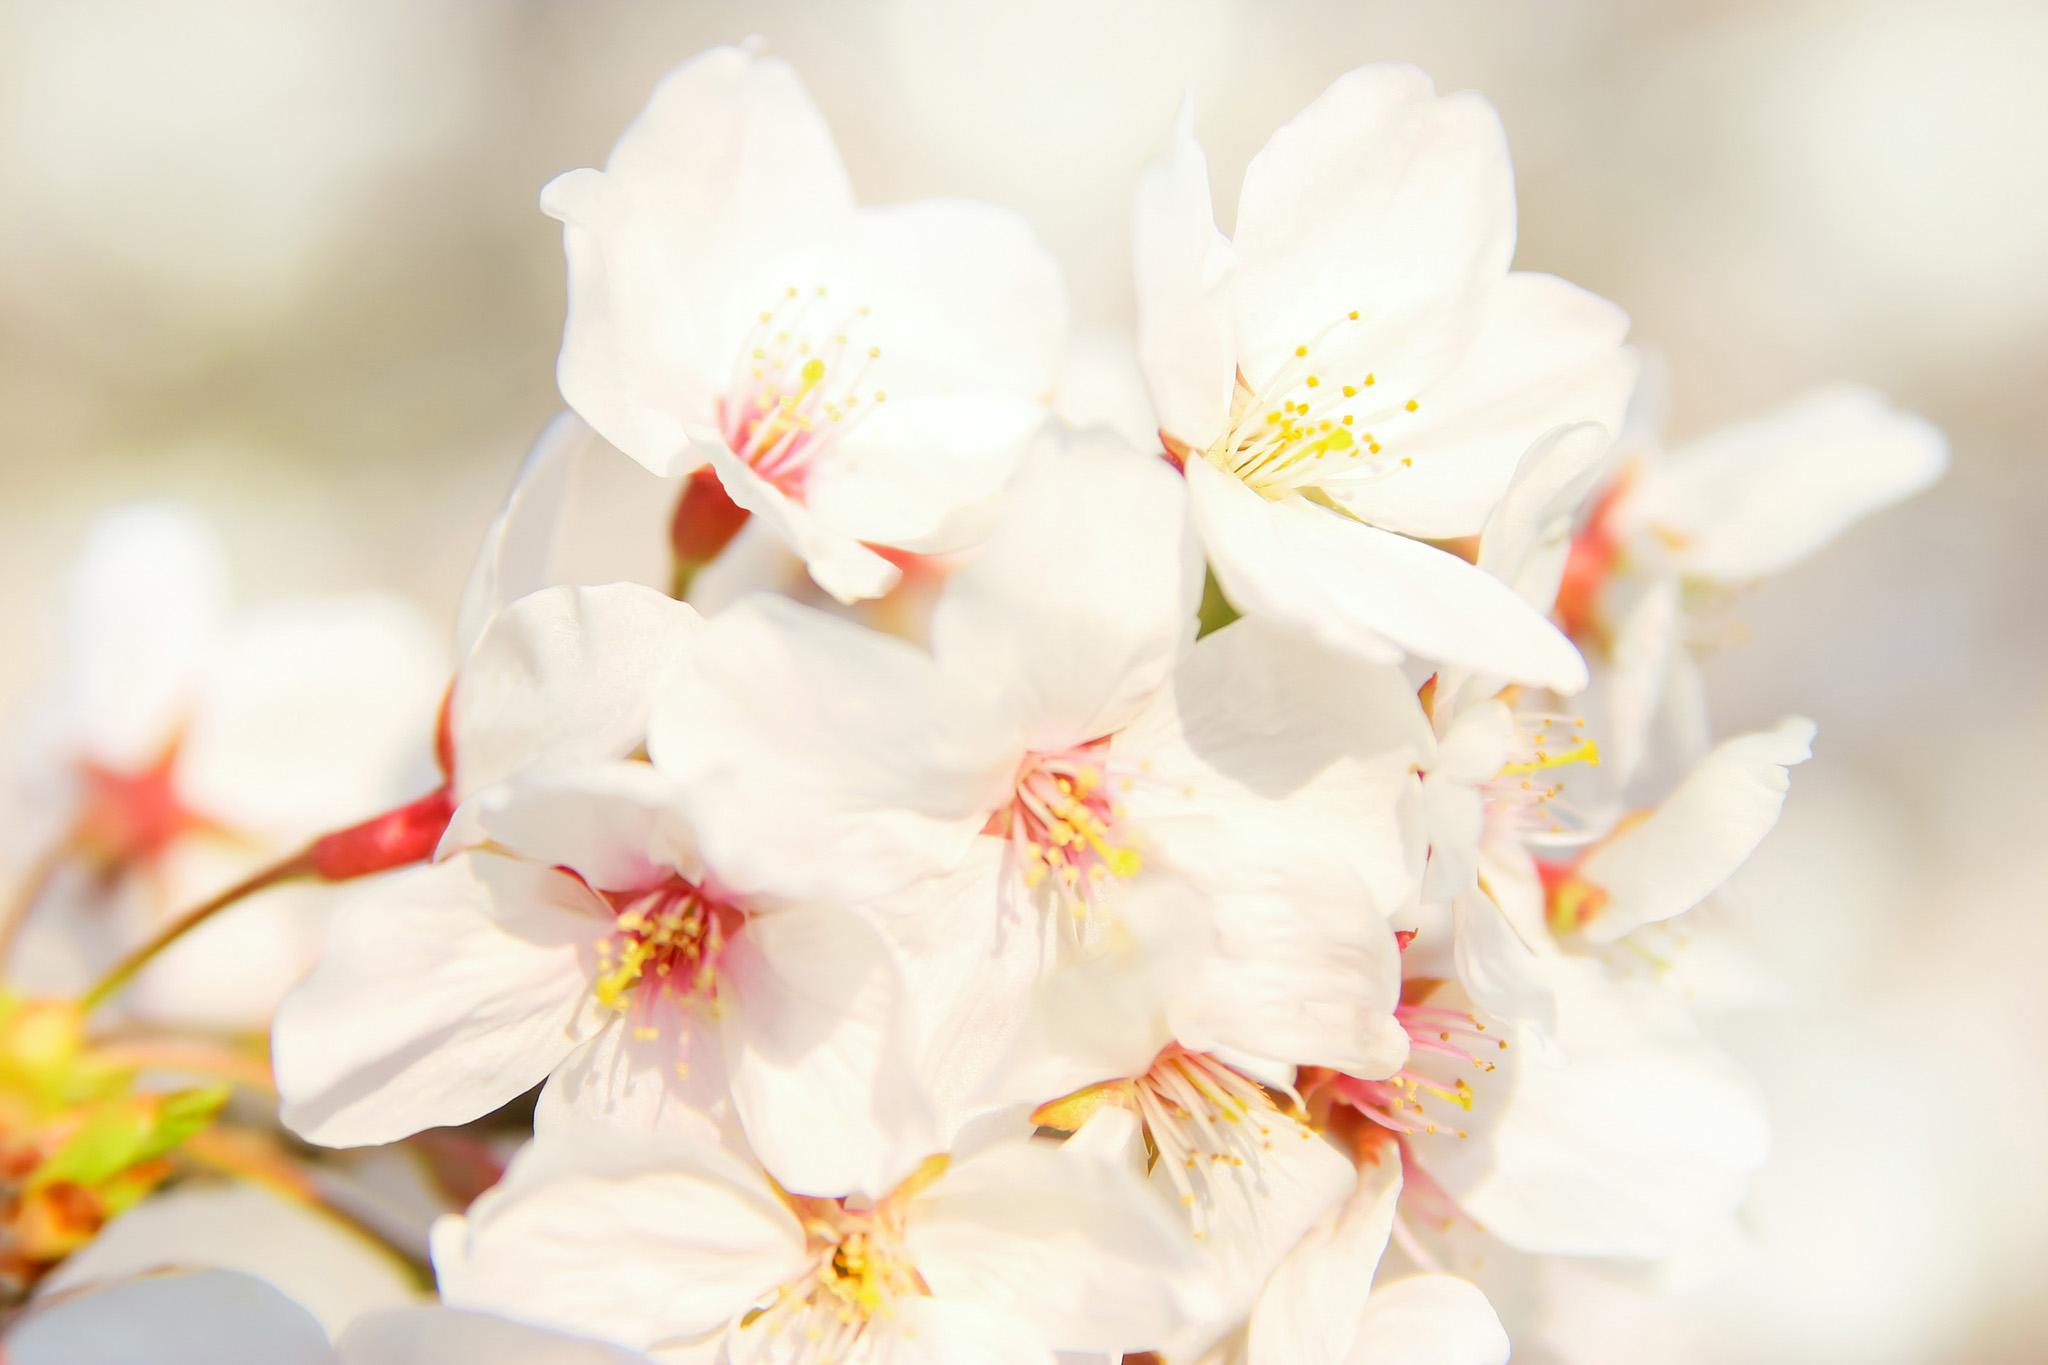 「桜の花びら」の背景を無料ダウンロード